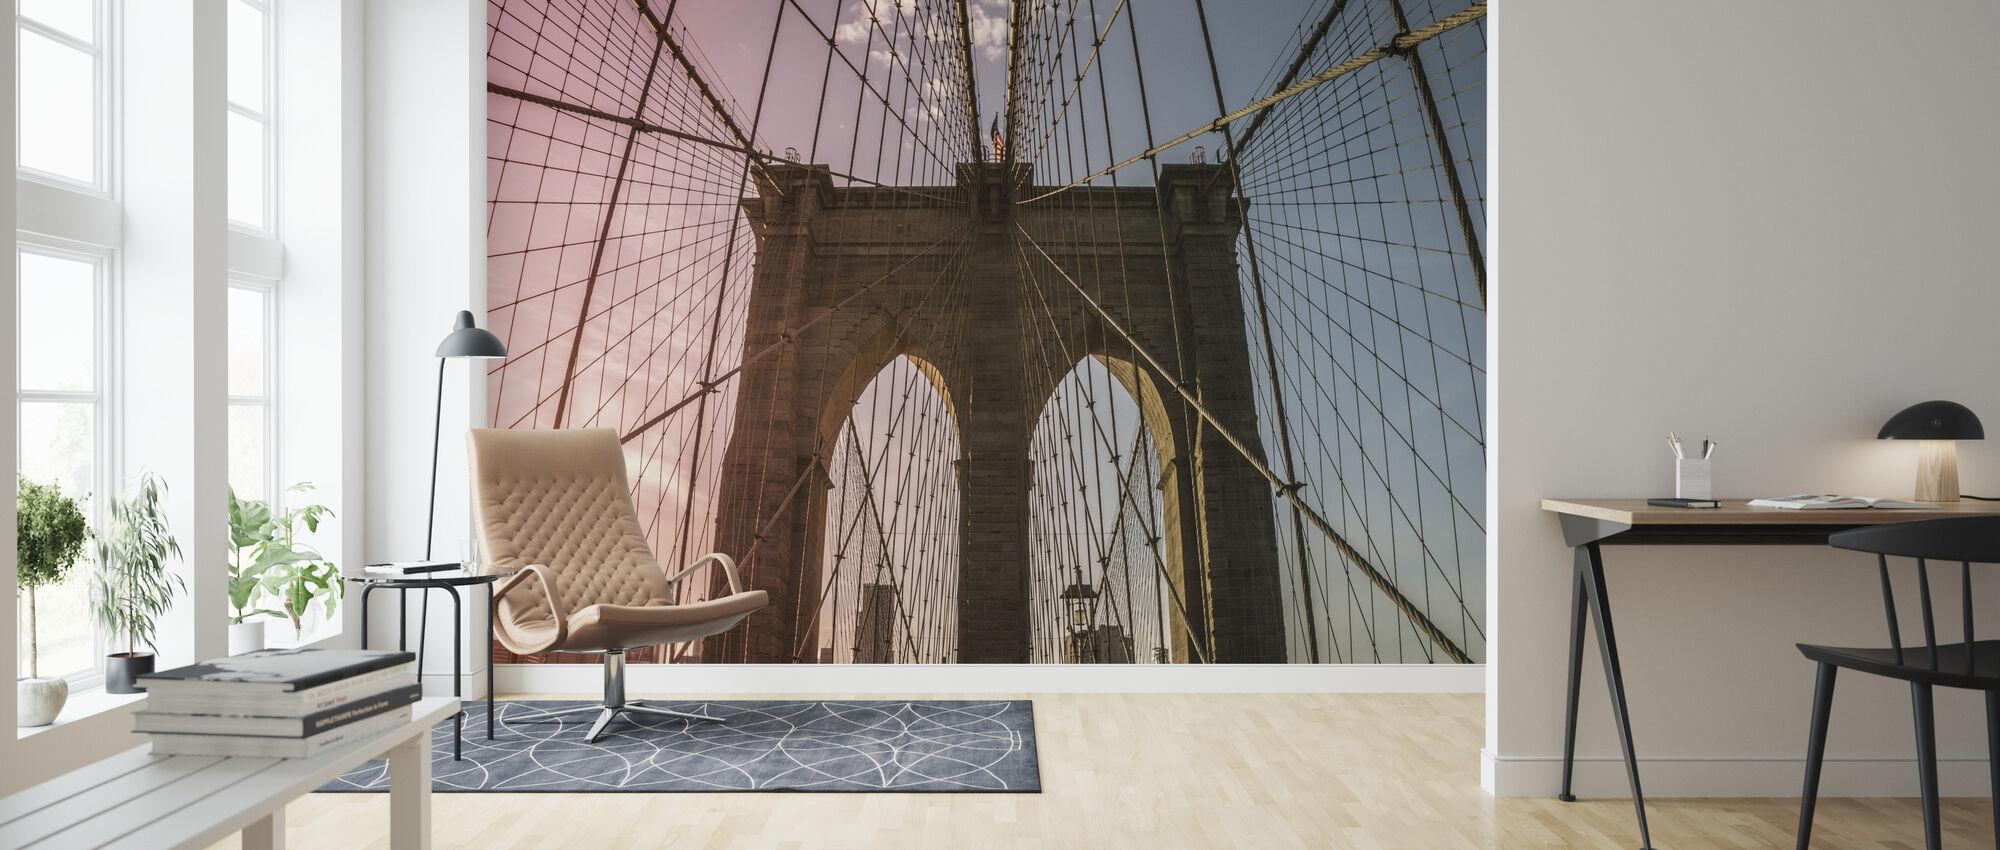 Brooklyn Bridge - Wallpaper - Living Room